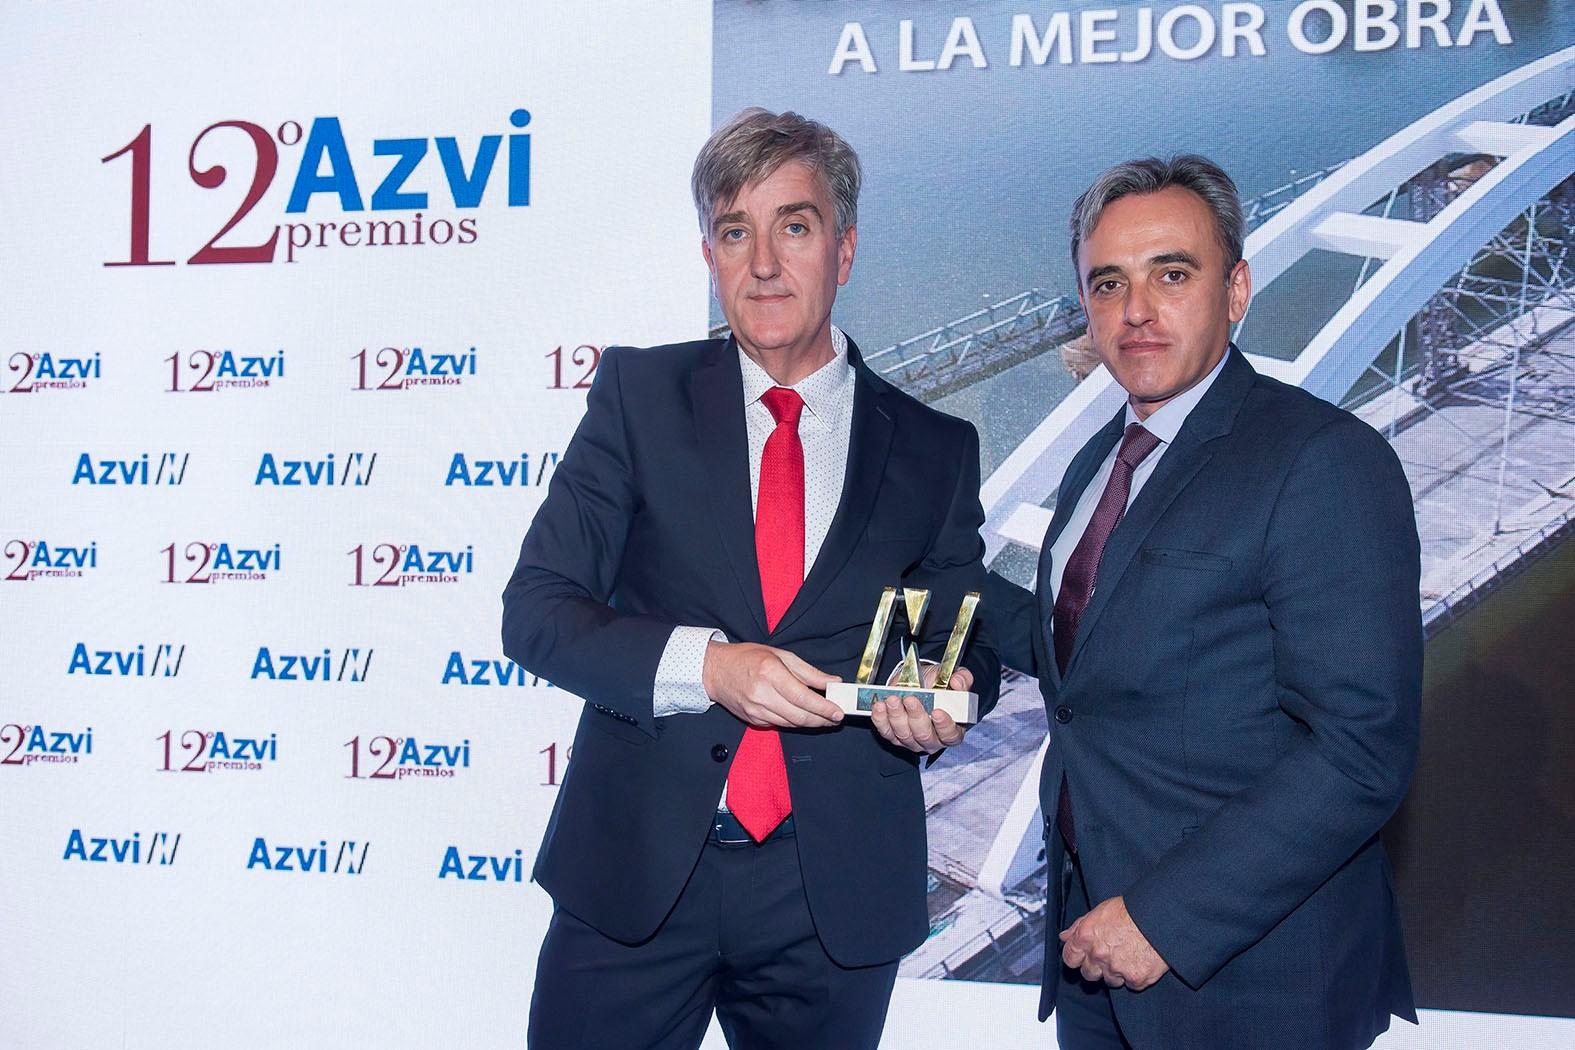 12 premios Azvi 108